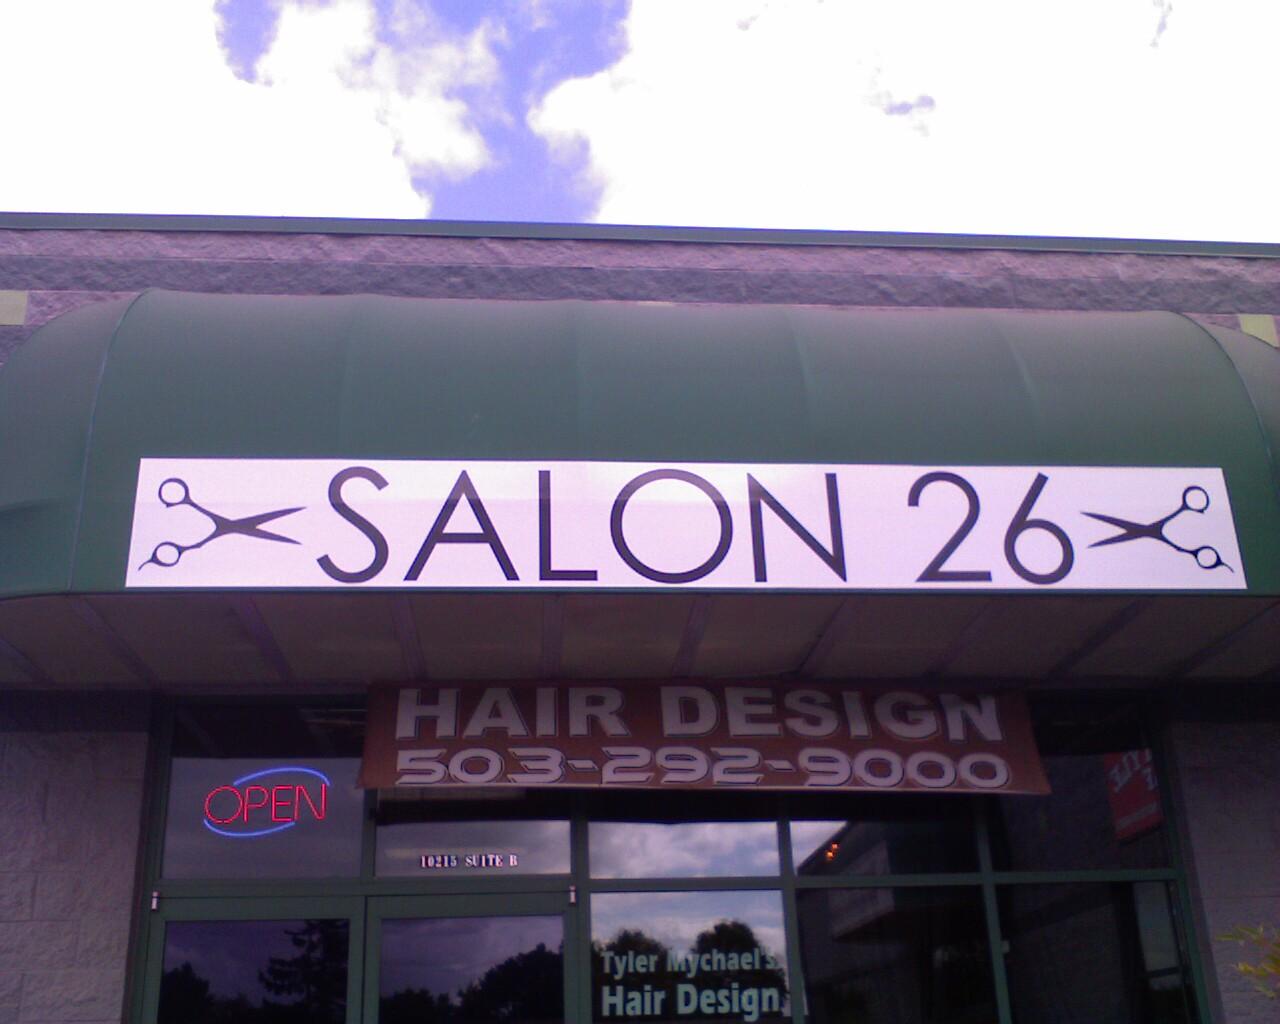 Salon 26, 10215 S.W. Park Way suite B, Portland, Oregon, 97225